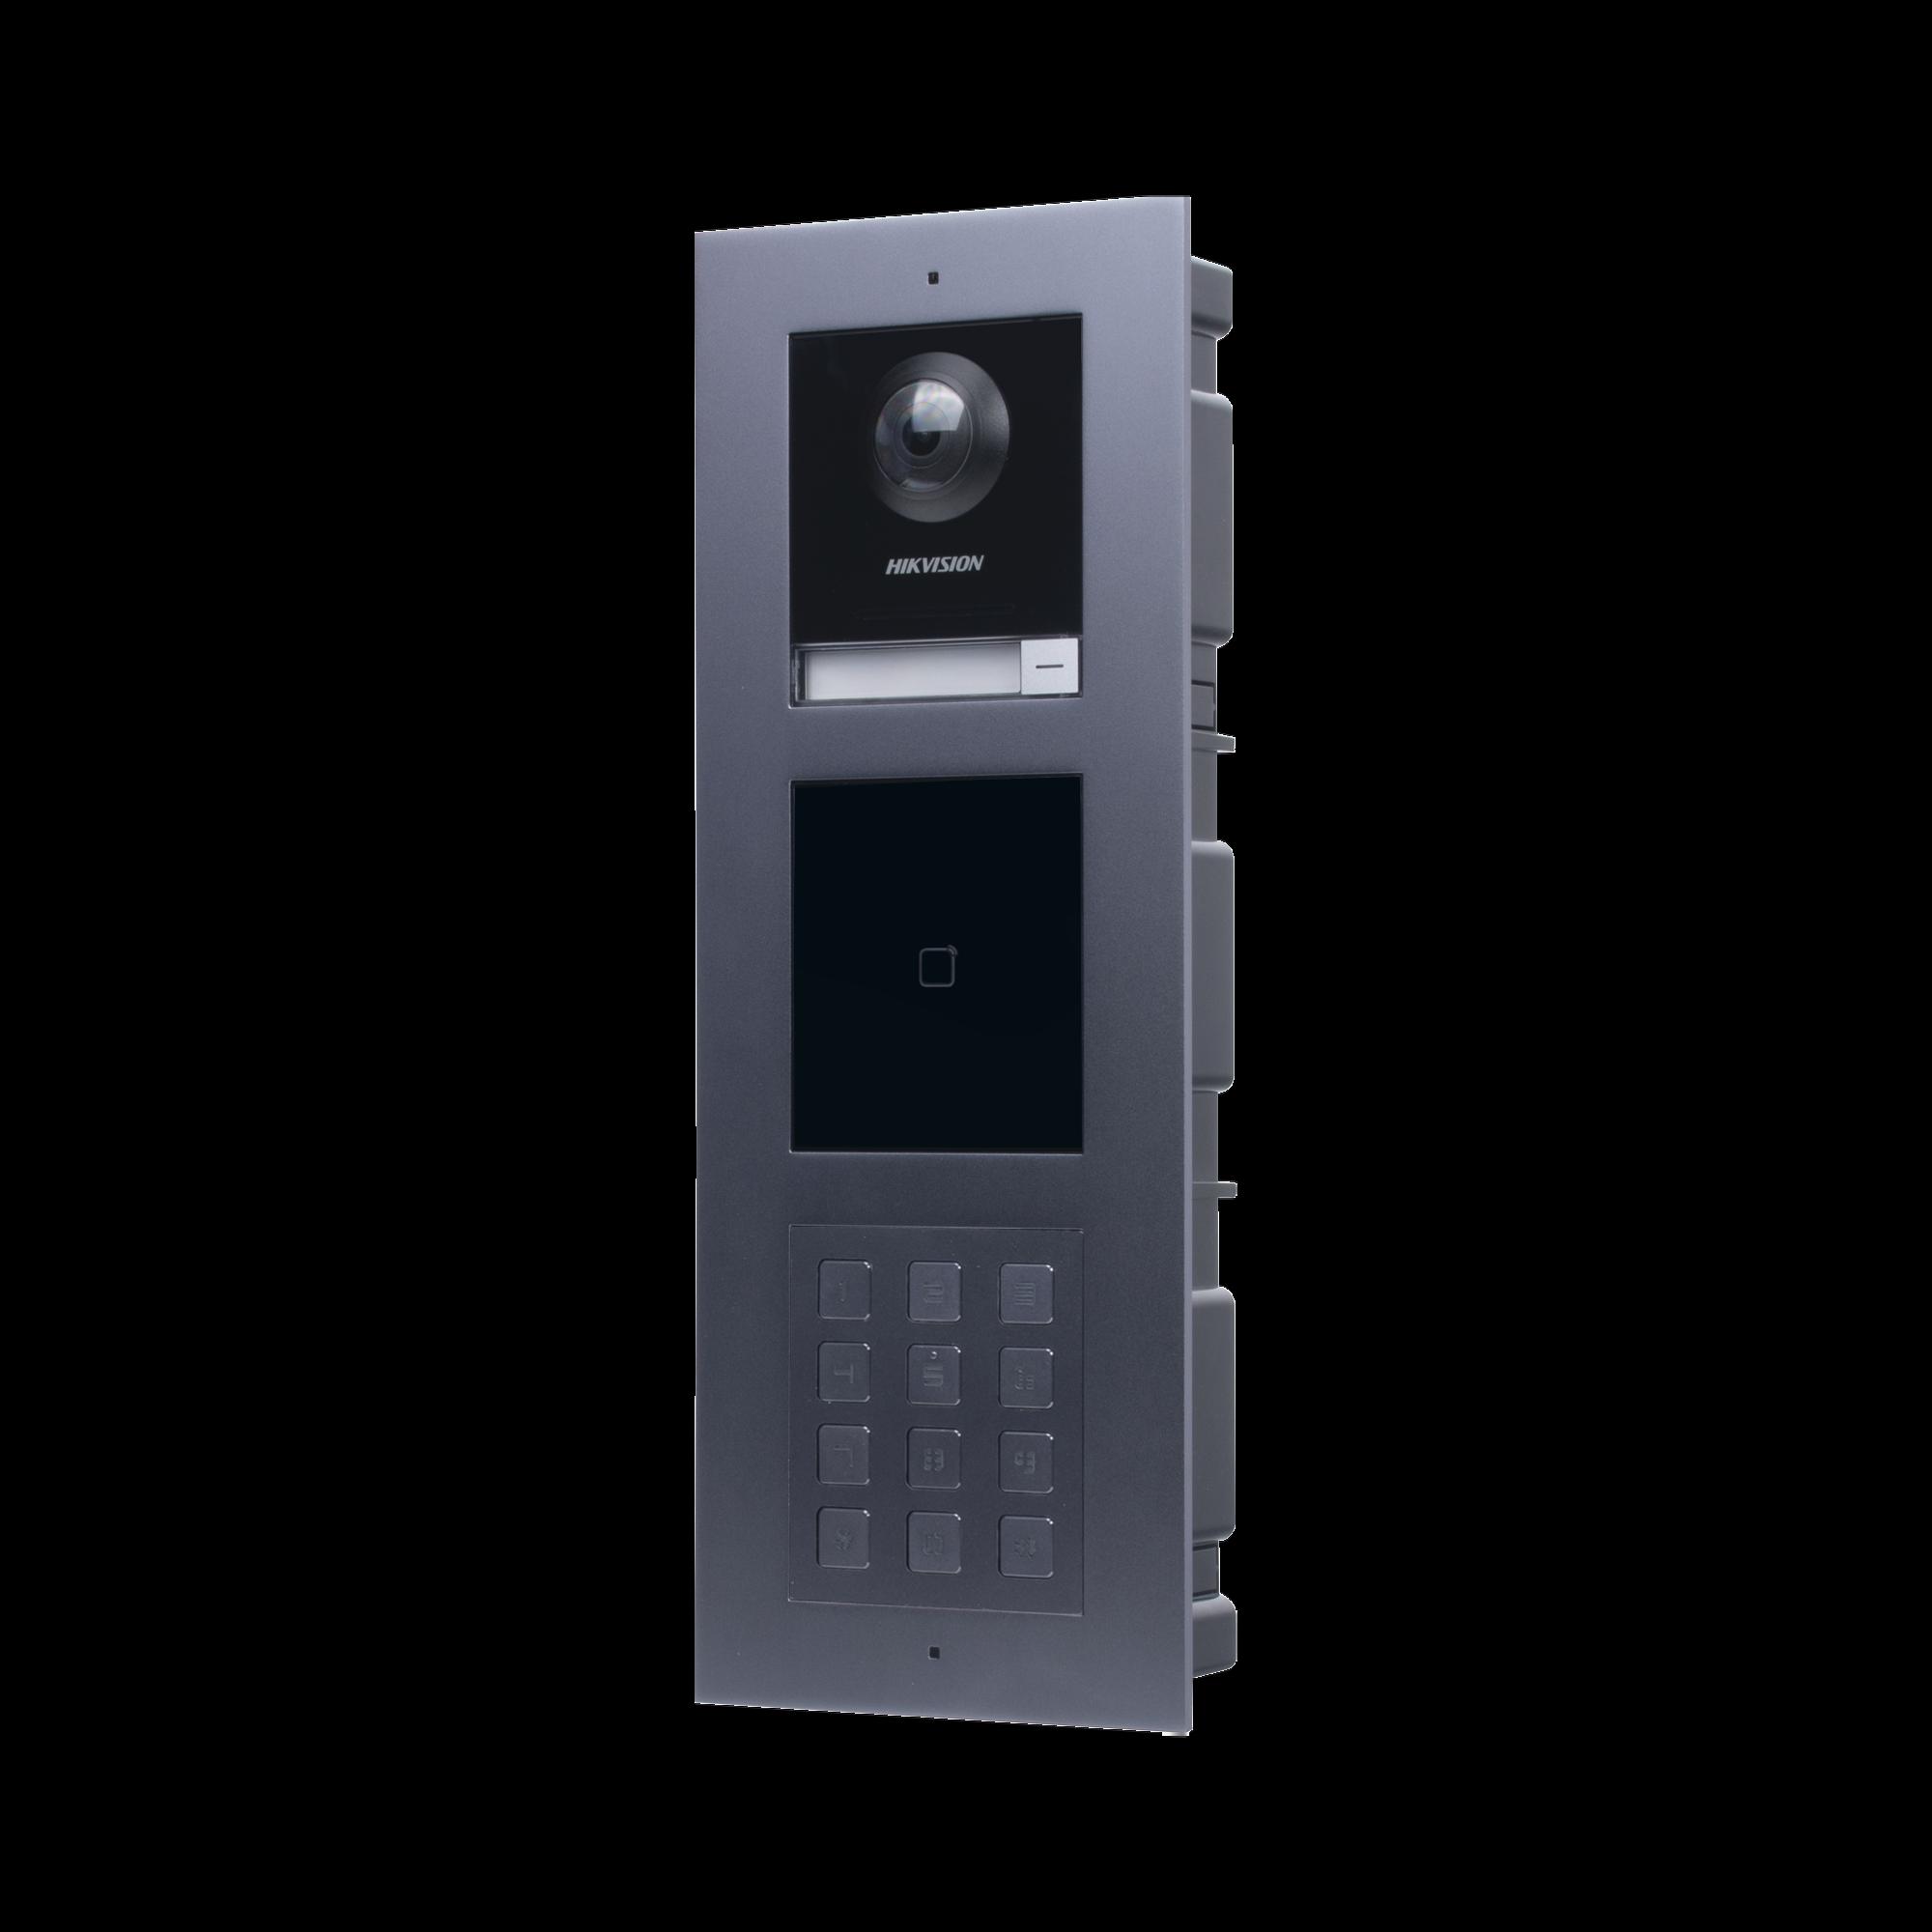 Videoportero IP MULTIAPARTAMENTO con llamada a App de Smartphone y Lector de Tarjetas EM / 2da Generacion (Modular) / Montaje para EMPOTRAR incluido / Apertura con CONTRASE�AS y TARJETAS